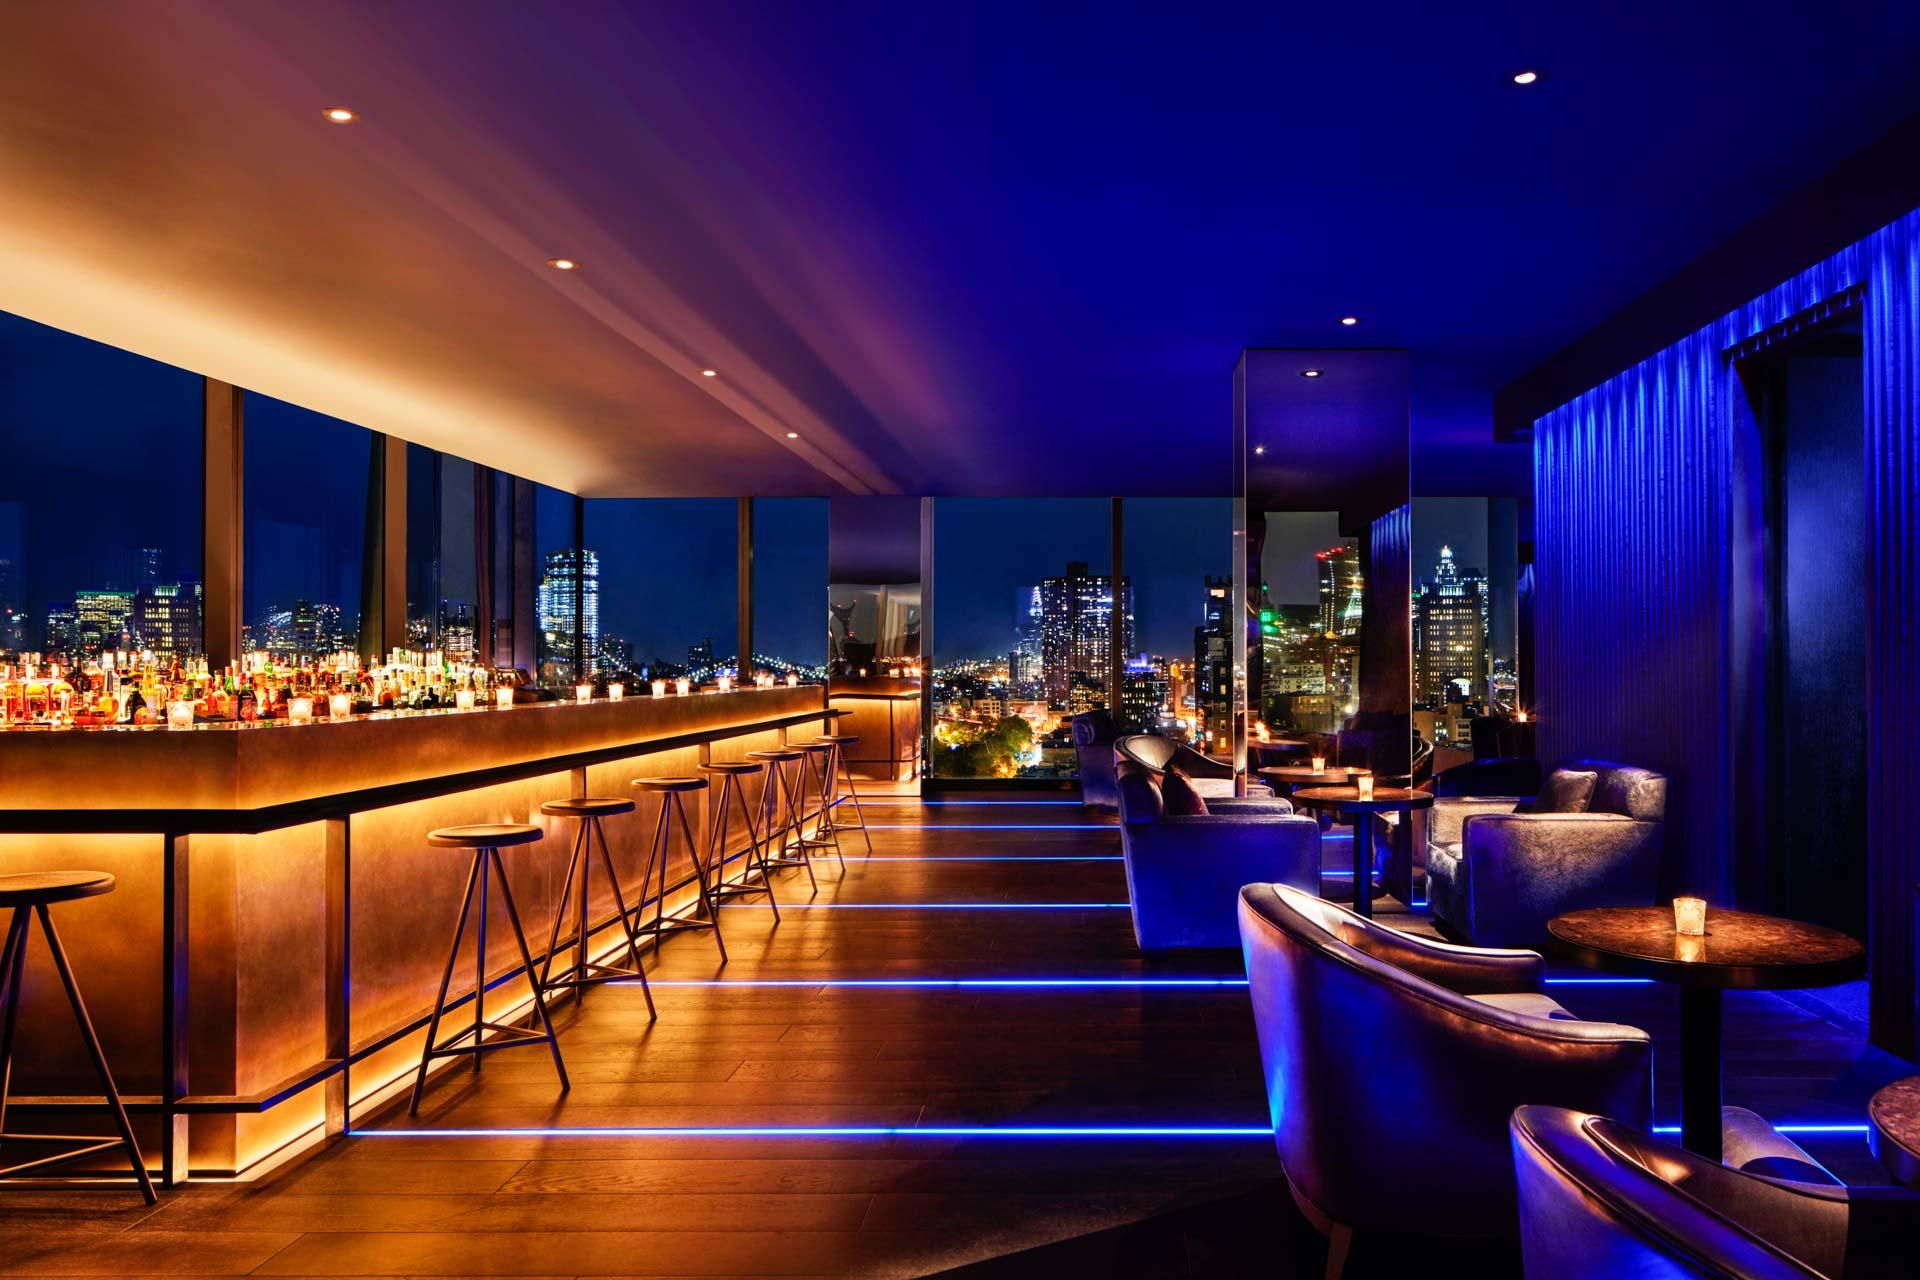 The Roof est le bar rooftop de l'hôtel. Il est au cœur de la vie nocturne de PUBLIC